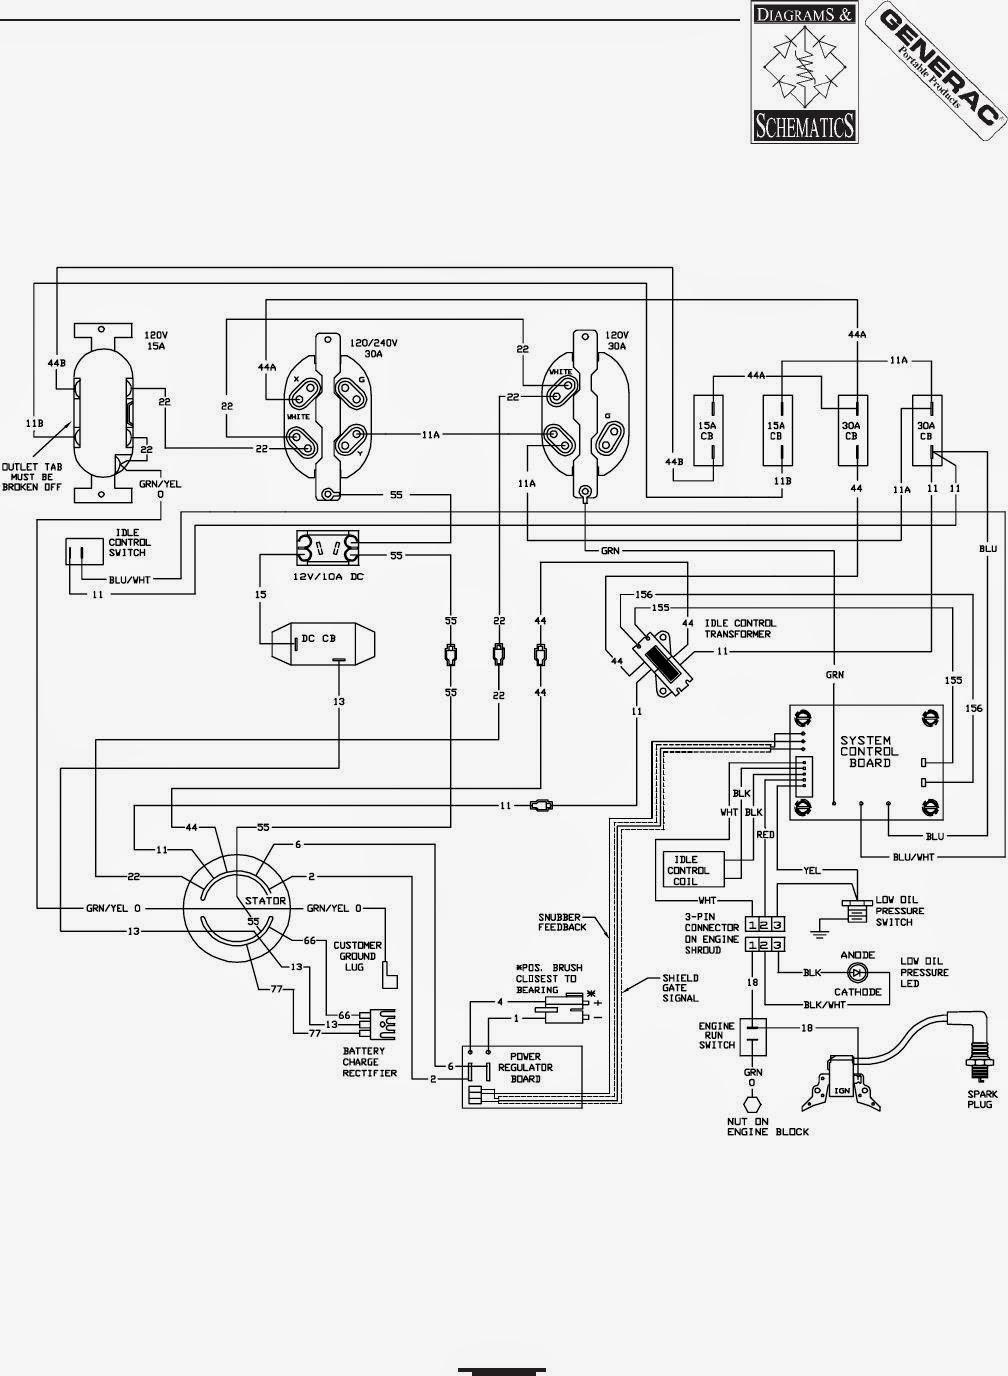 Generac G23 Manual